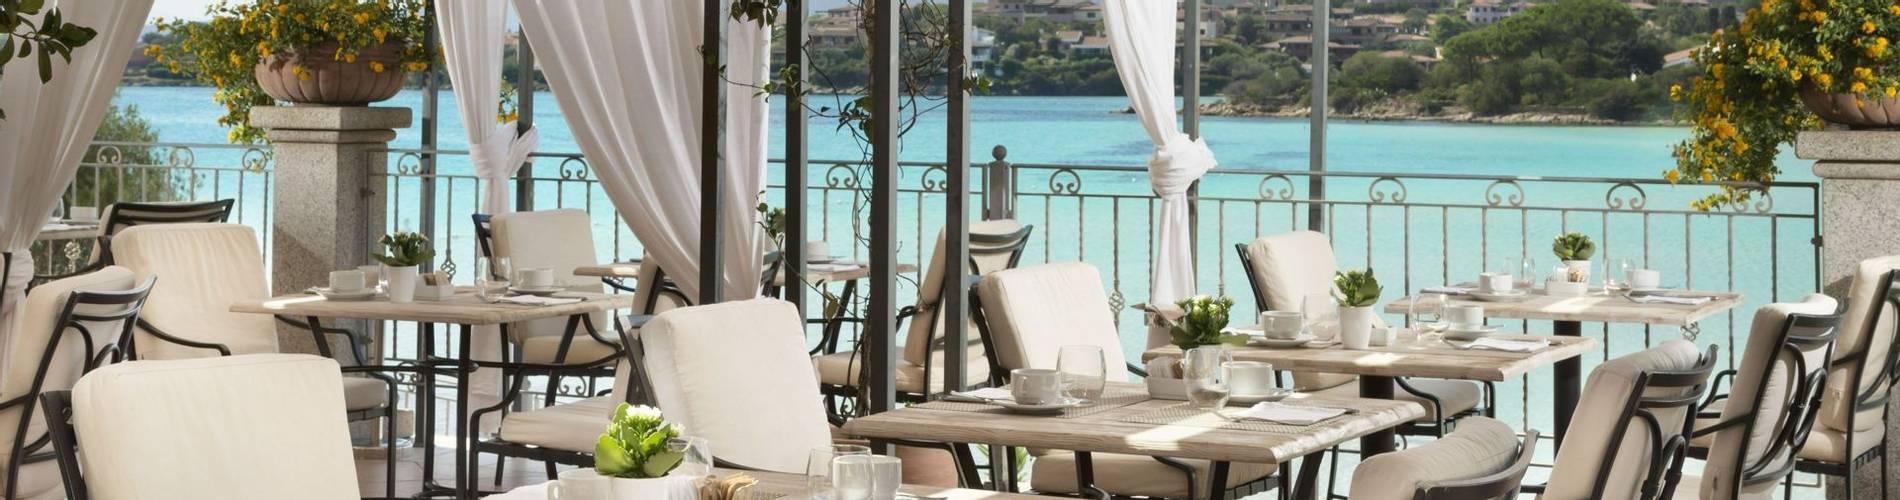 Copia di Breakfast on the terrace - Gabbiano azzurro Hotel _ Suites - stampa3.jpg